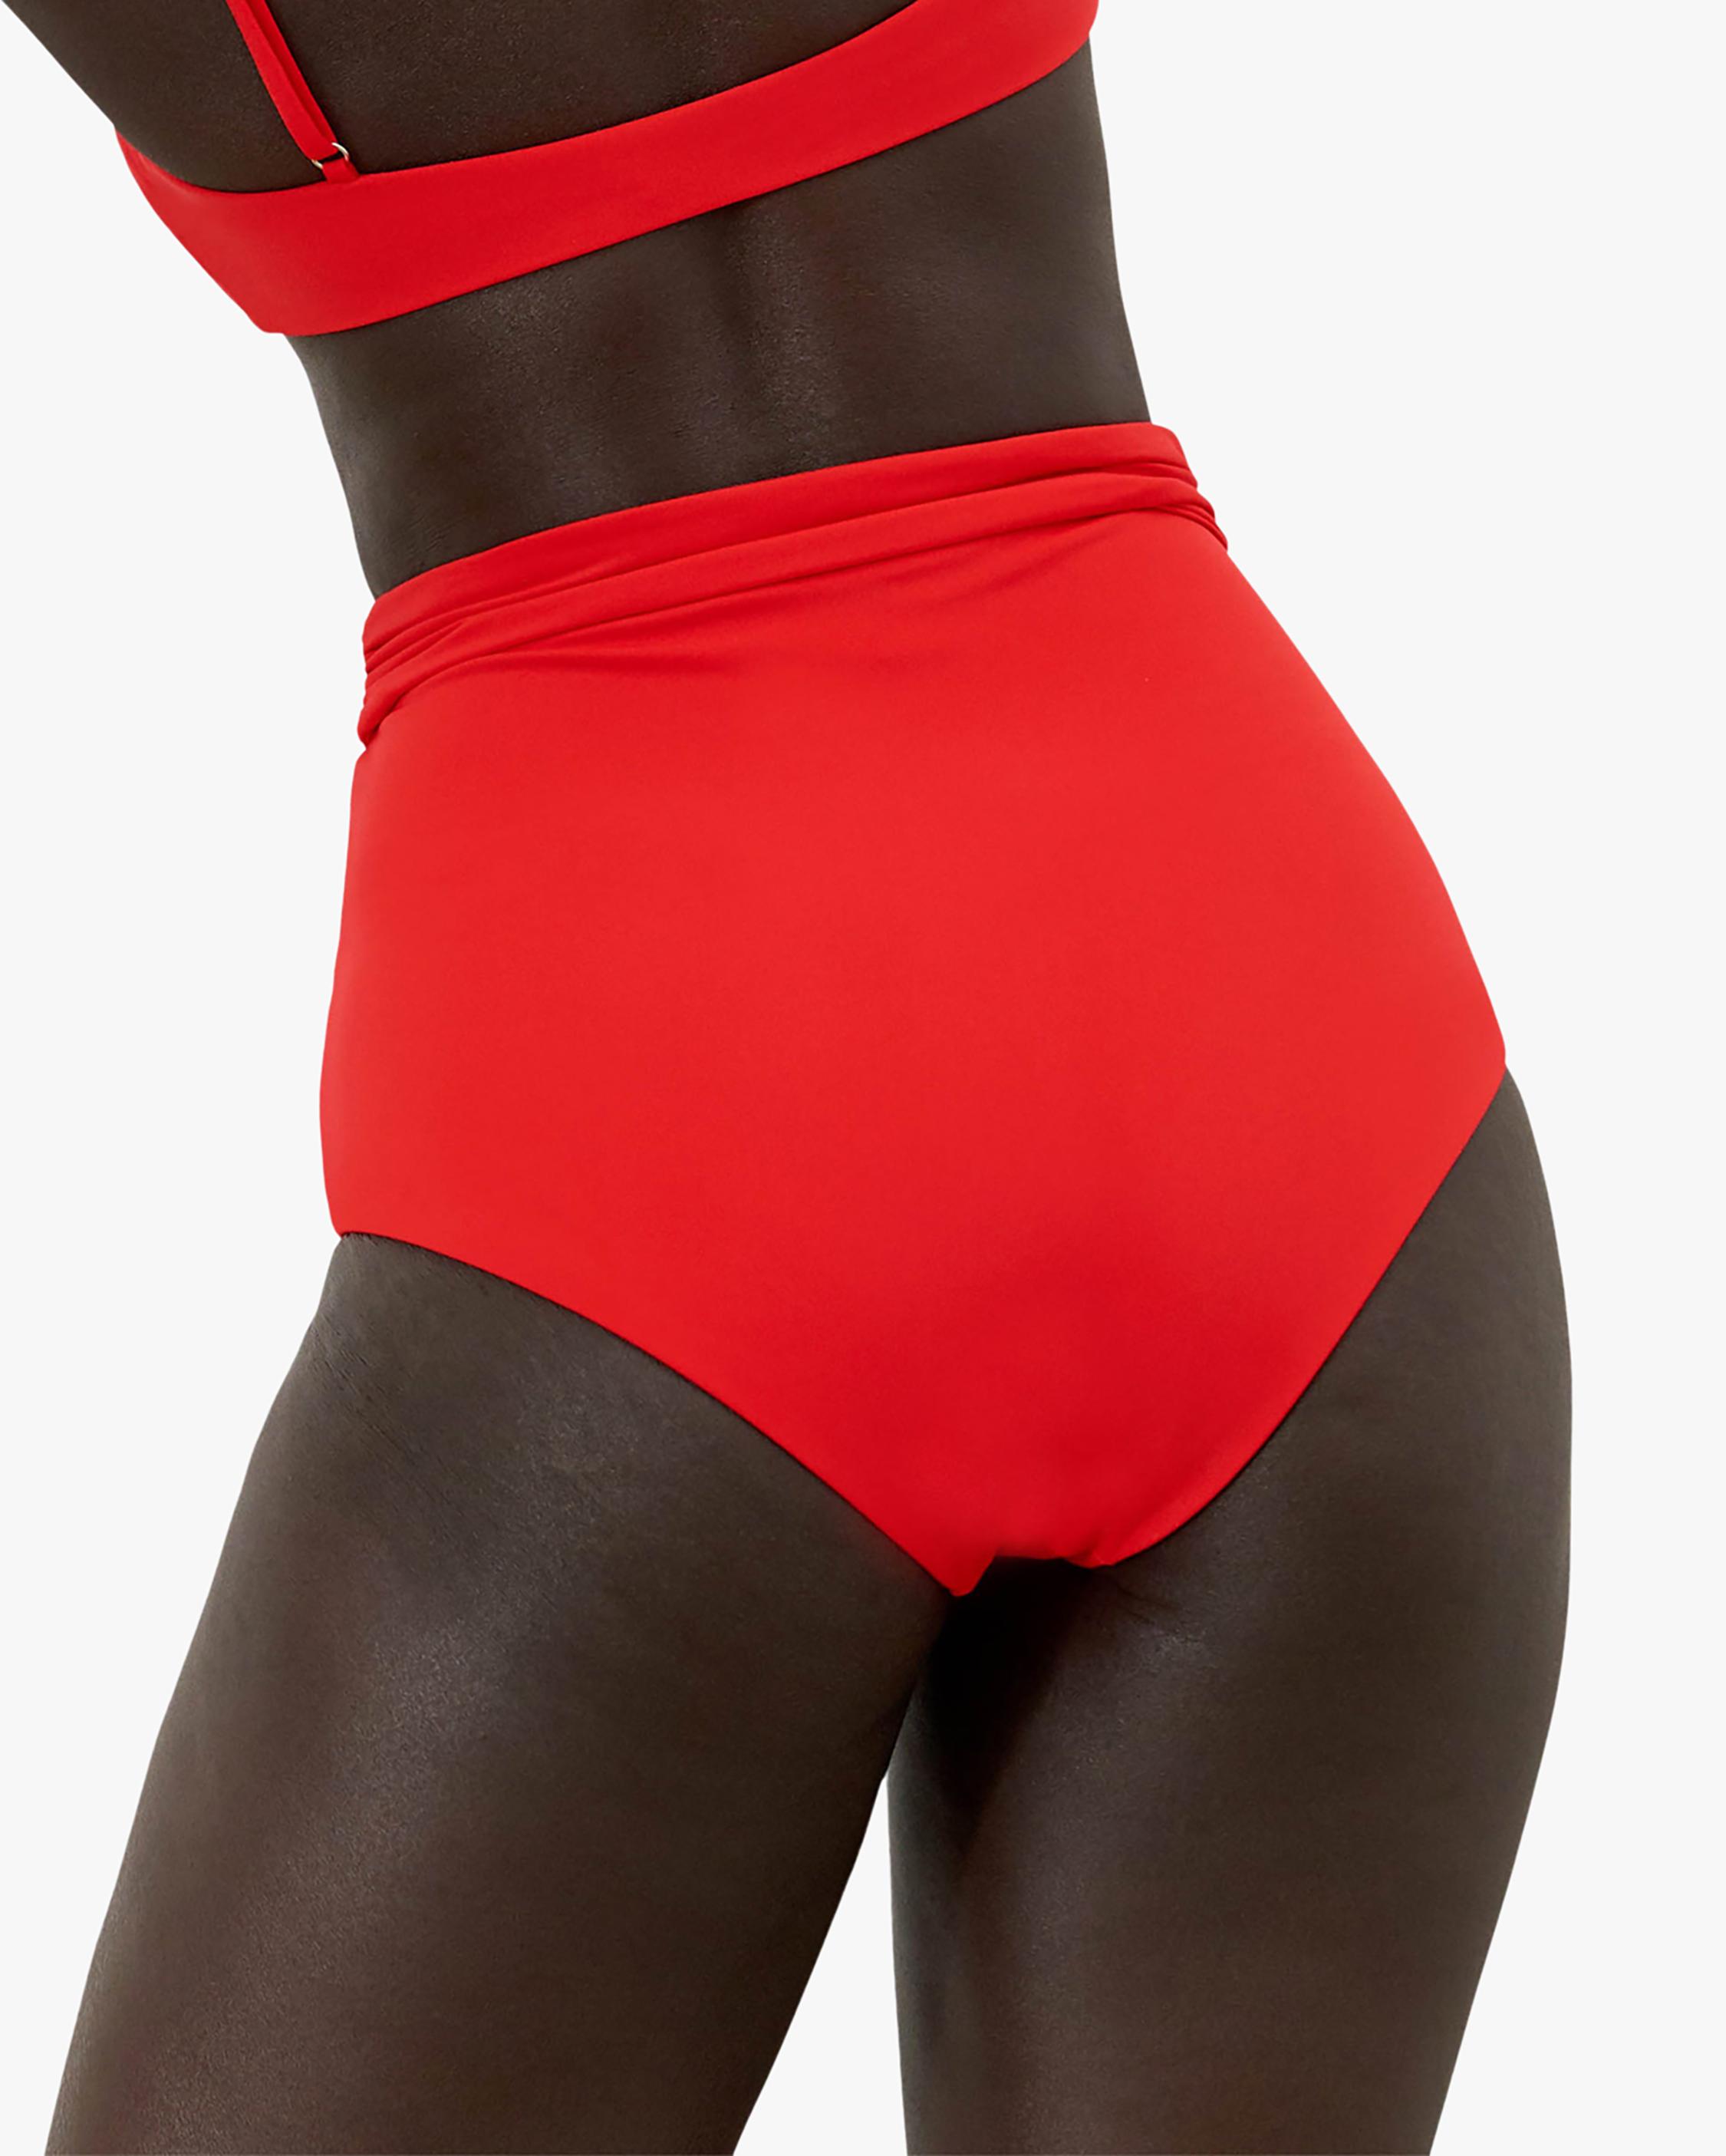 Jay Bikini Bottom